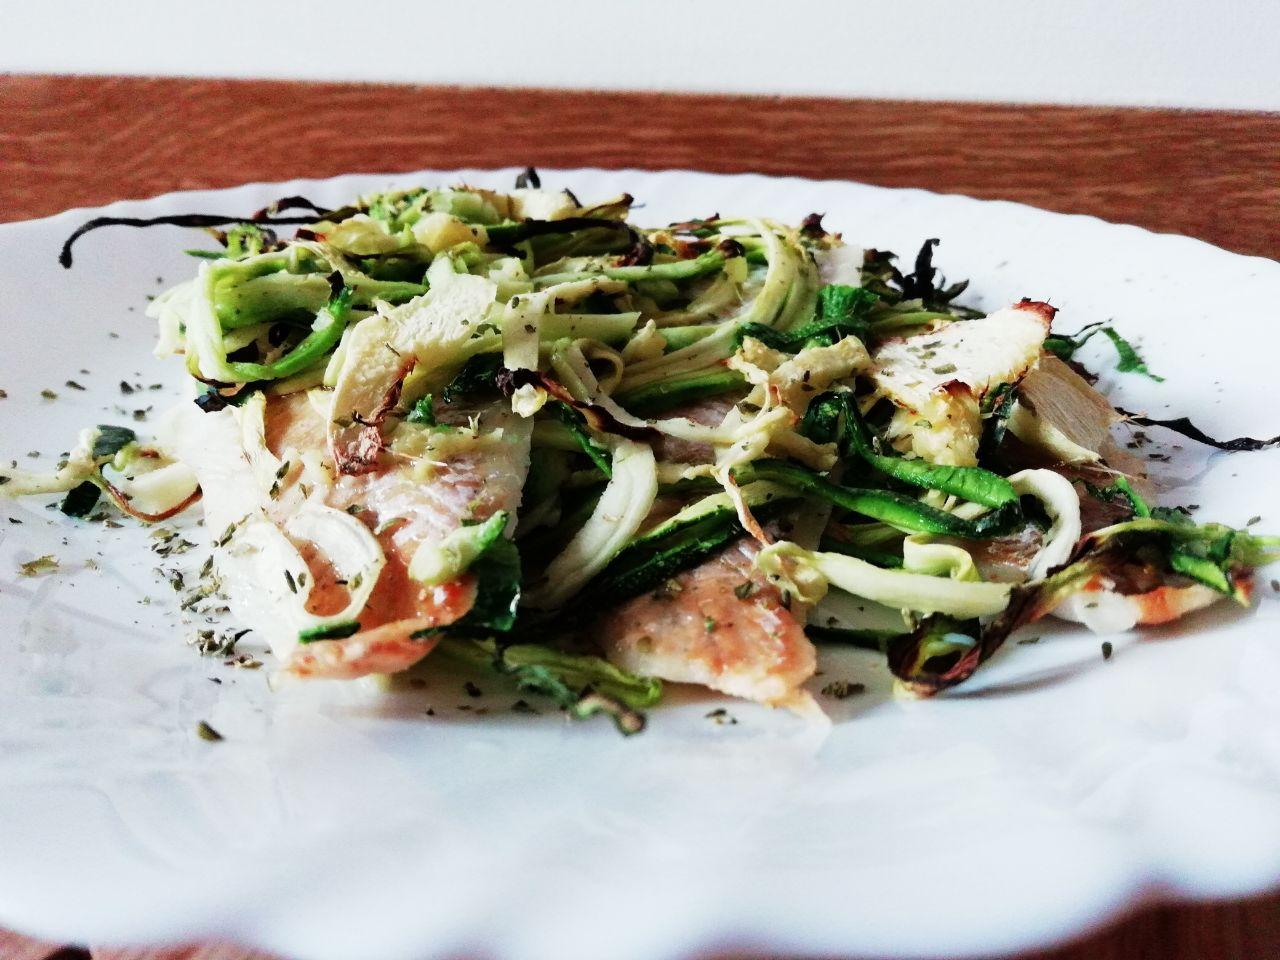 Secondi piatti economici: merluzzo al forno con zucchine e zenzero!